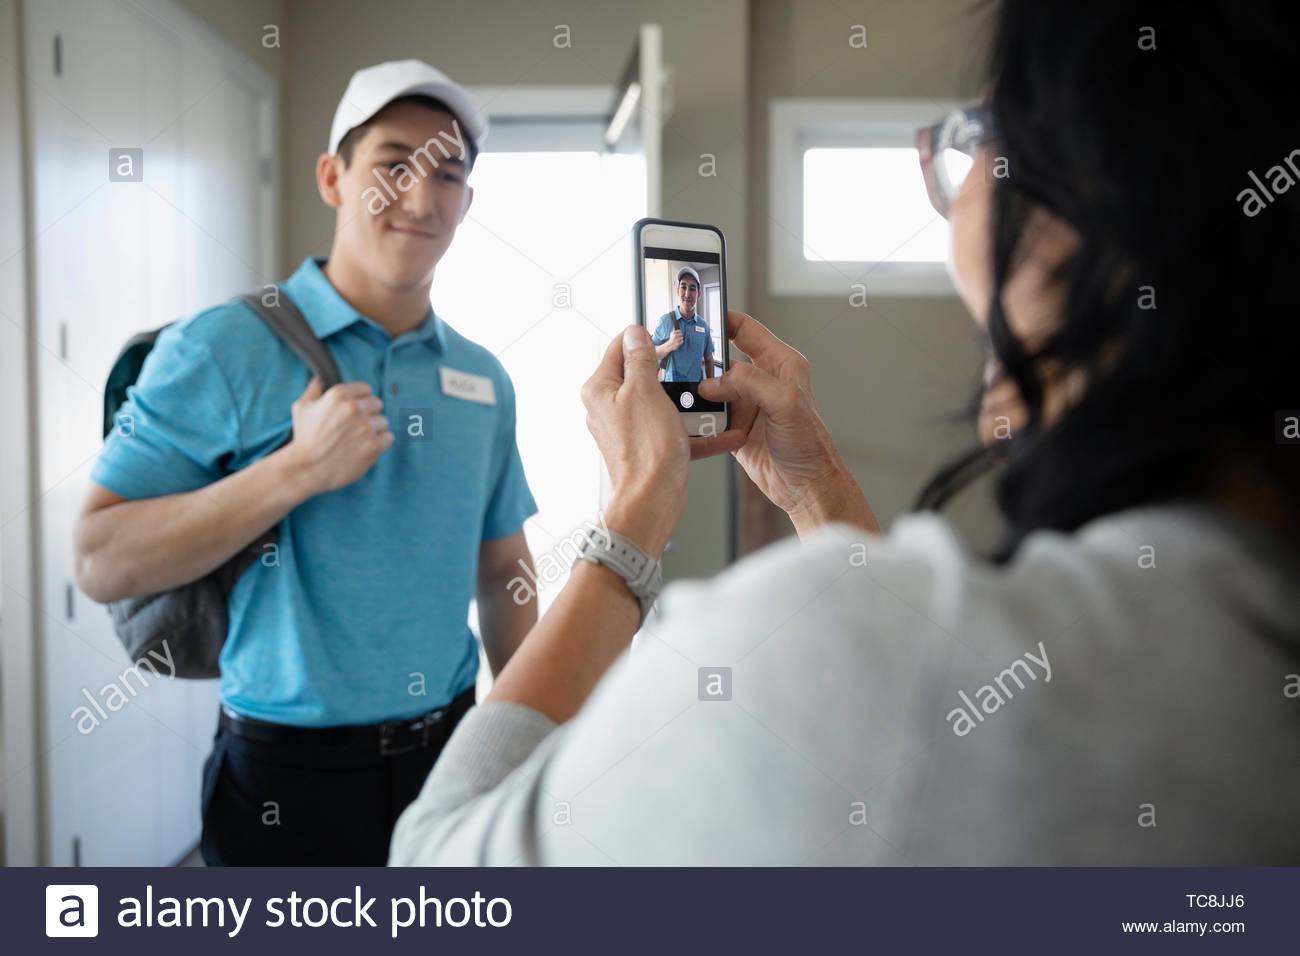 Madre orgullosa con cámara teléfono fotografiar hijo adolescente en uniforme de trabajo Imagen De Stock